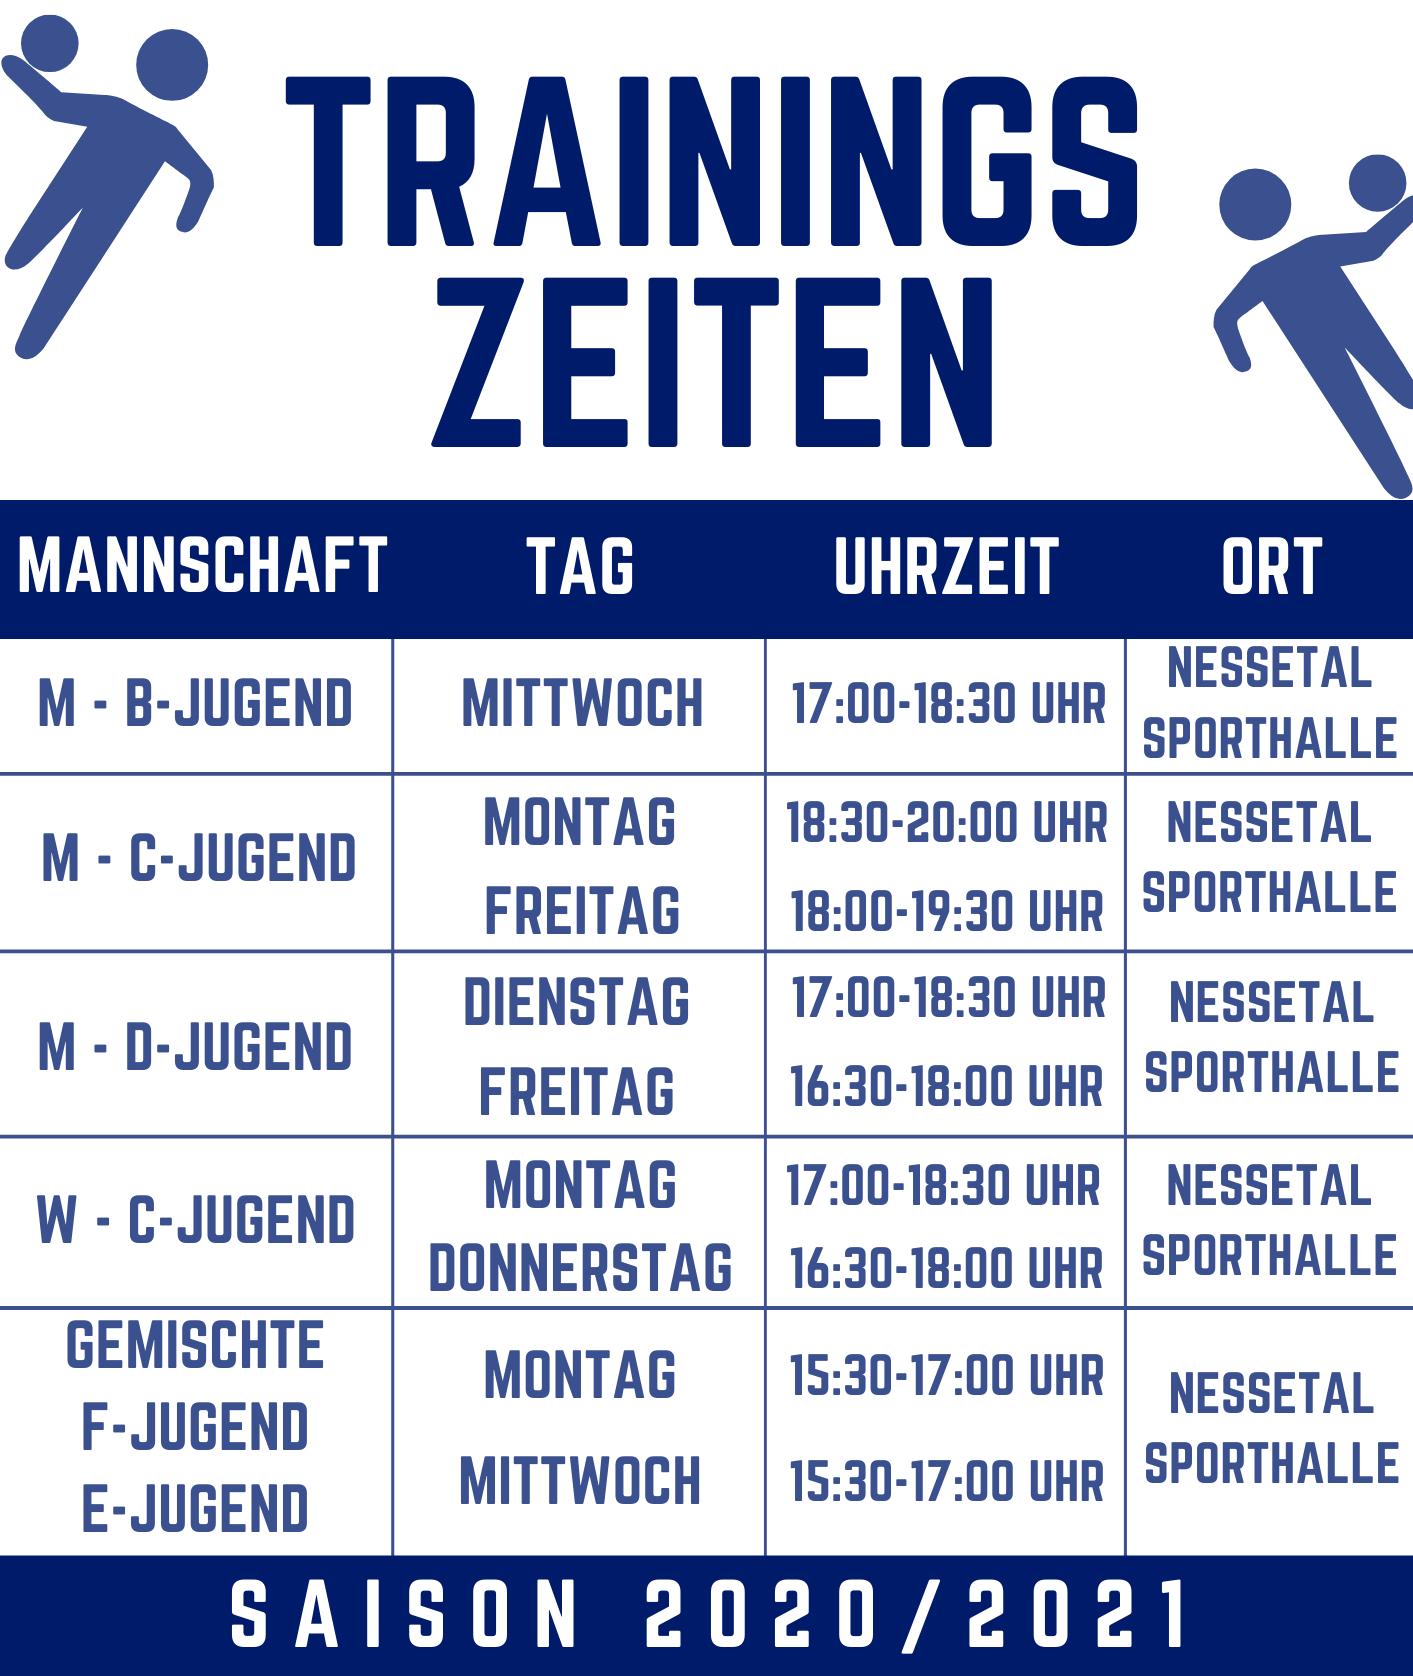 Trainingszeiten Jugend